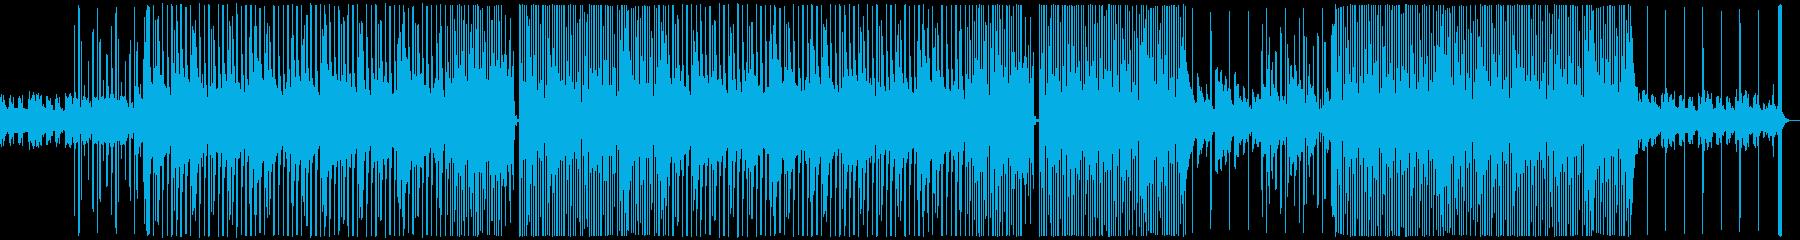 お洒落で切ないR&Bの再生済みの波形